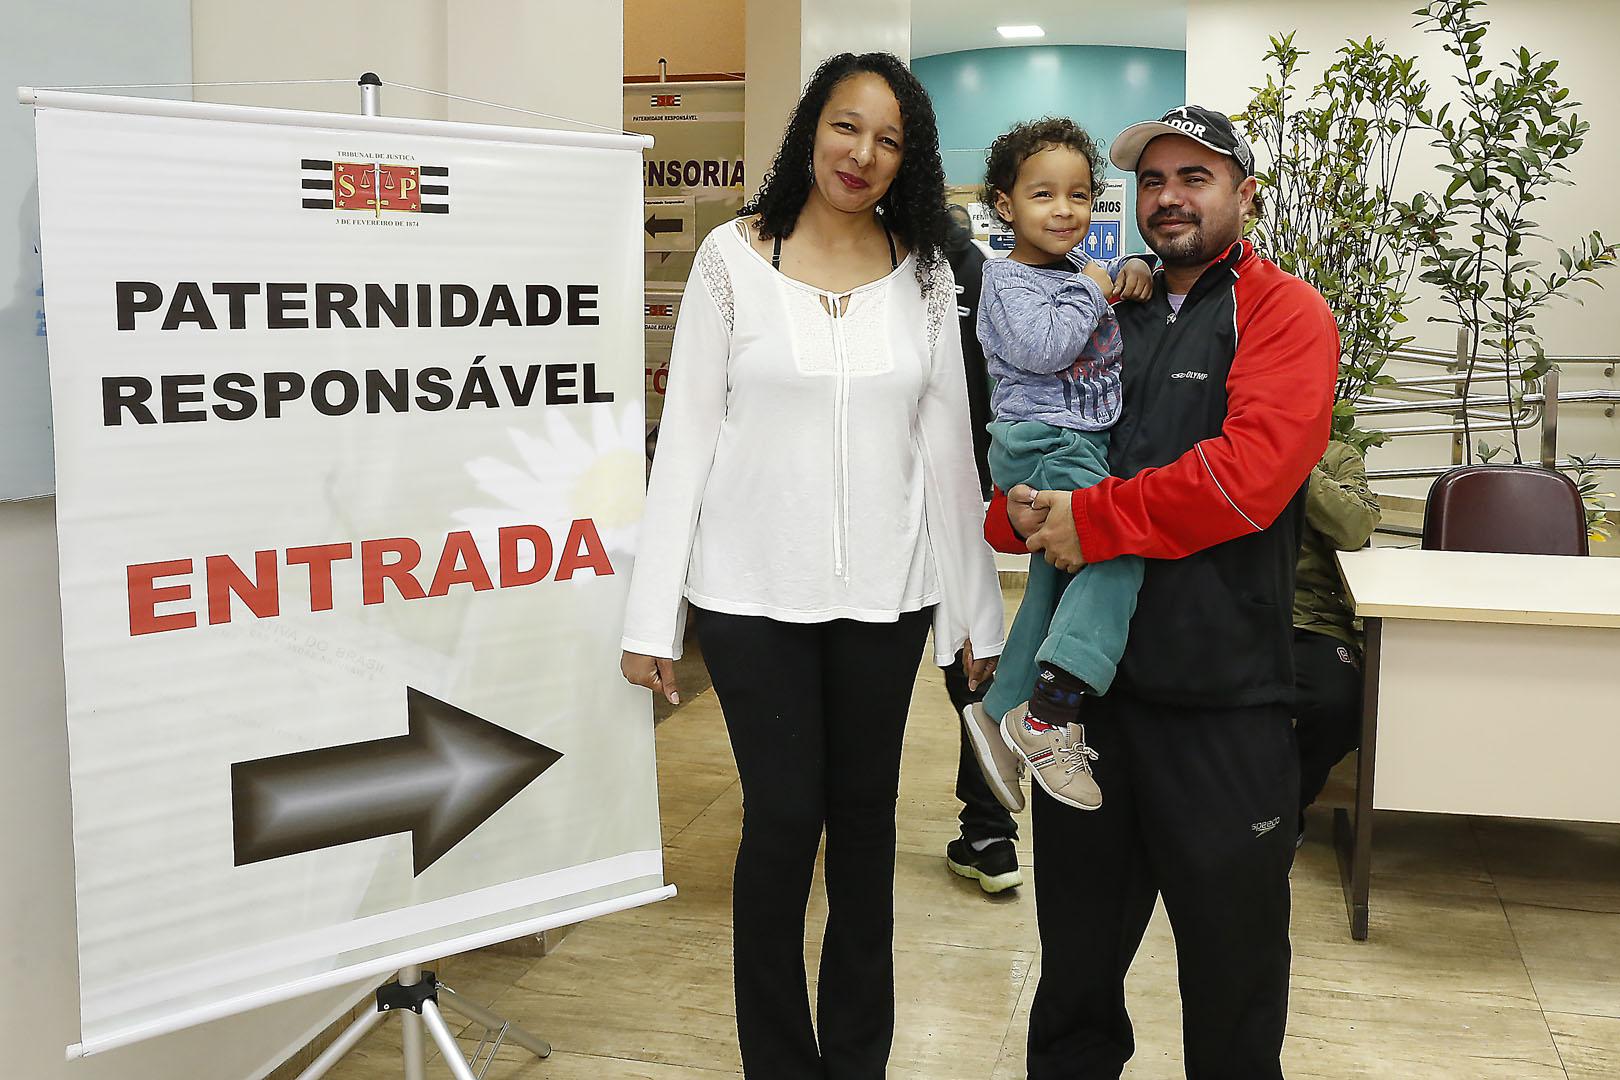 Mutirão da Paternidade Responsável atende 2.300 pessoas em Santo Amaro